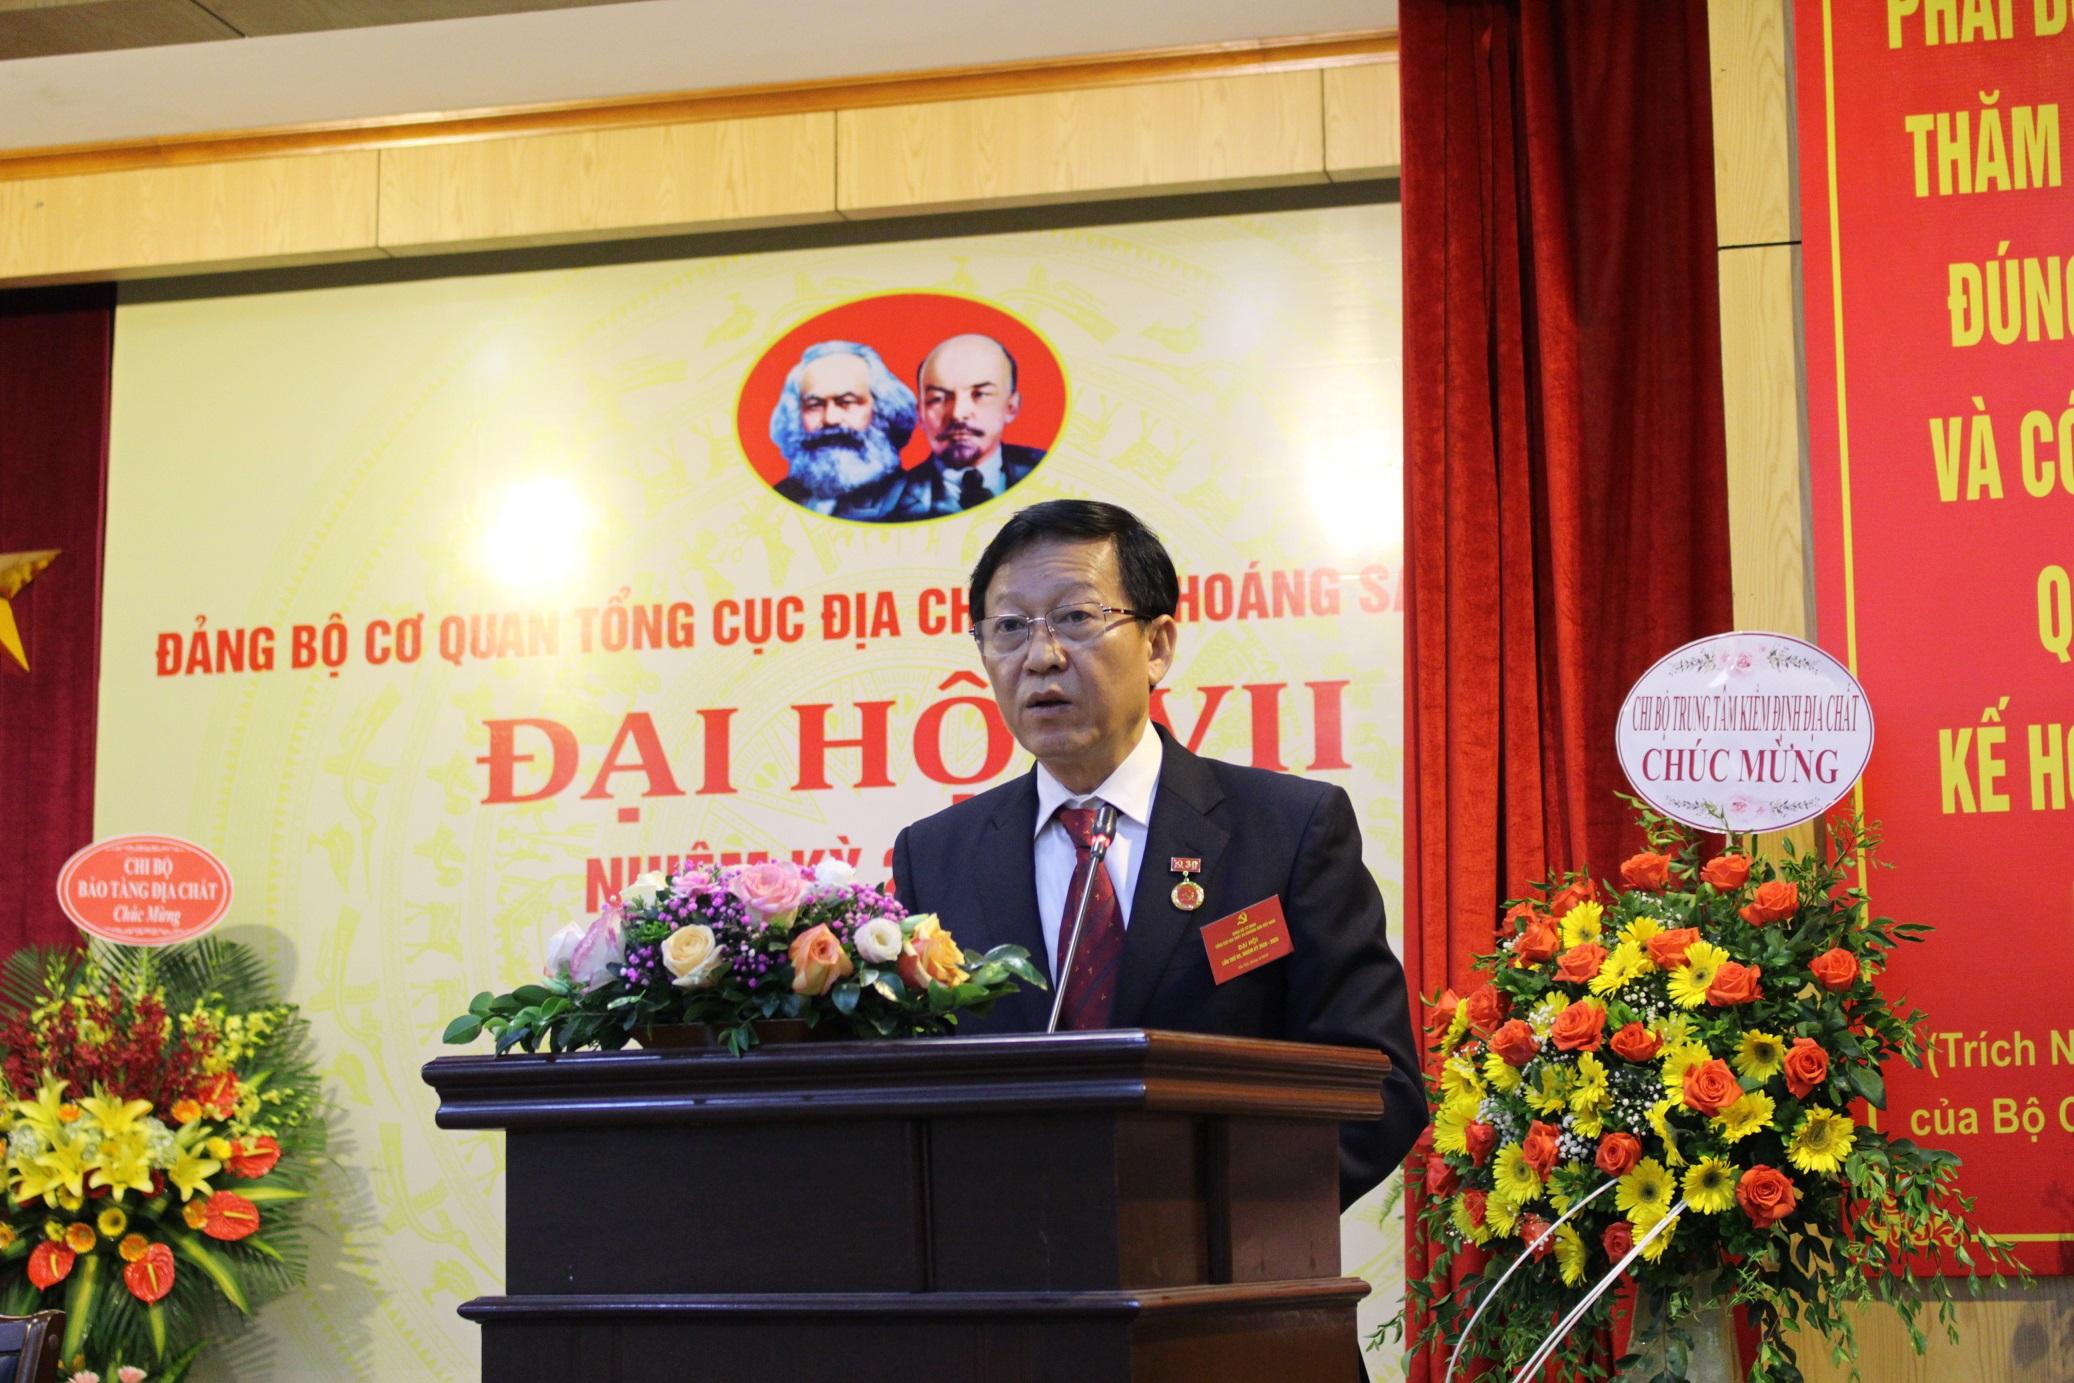 PTCT Kien chi đạo hội nghị